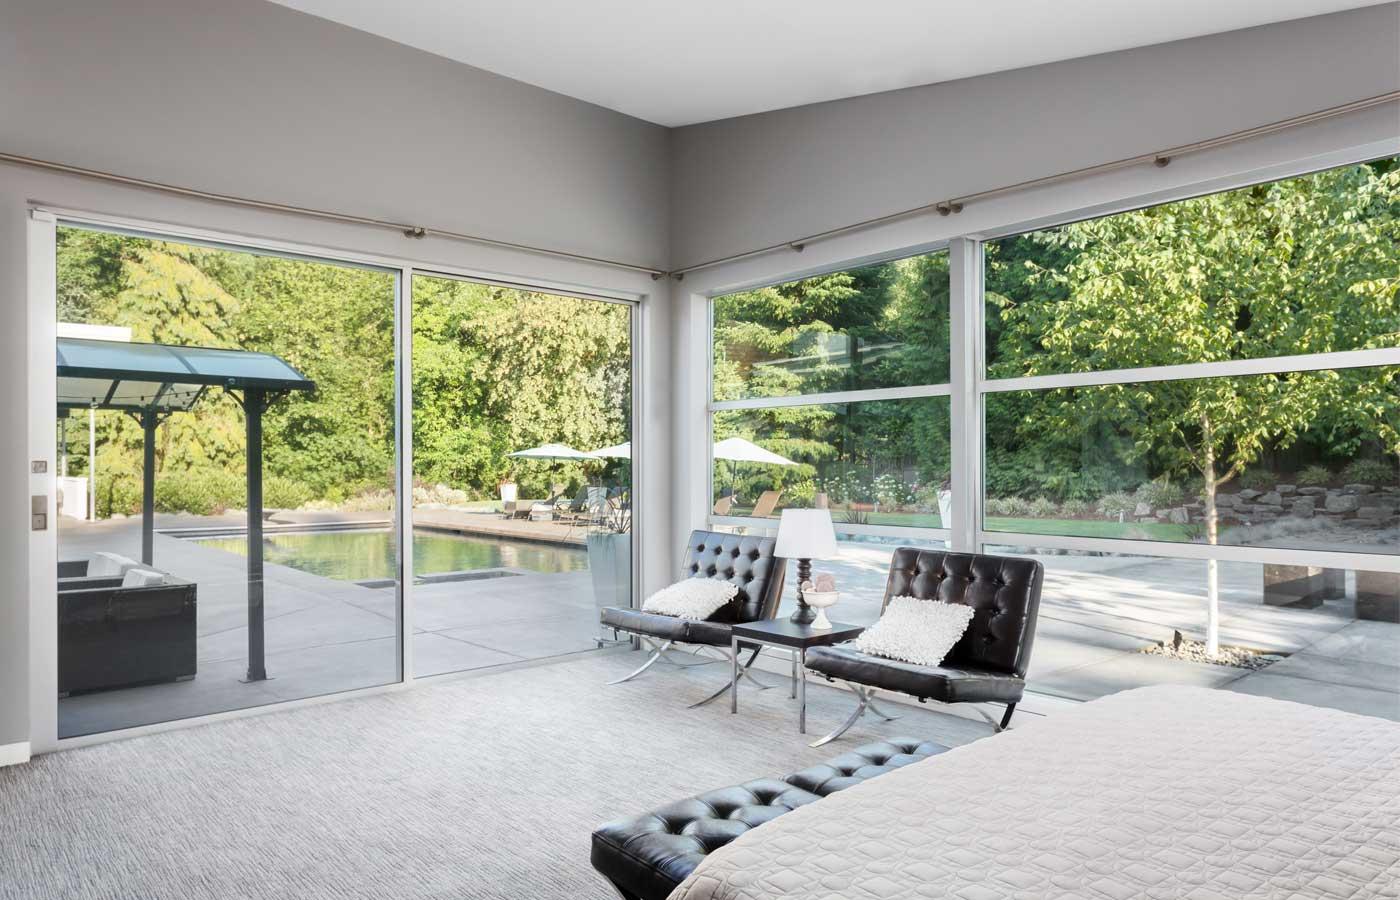 Trend Aluminium Patio Doors Image